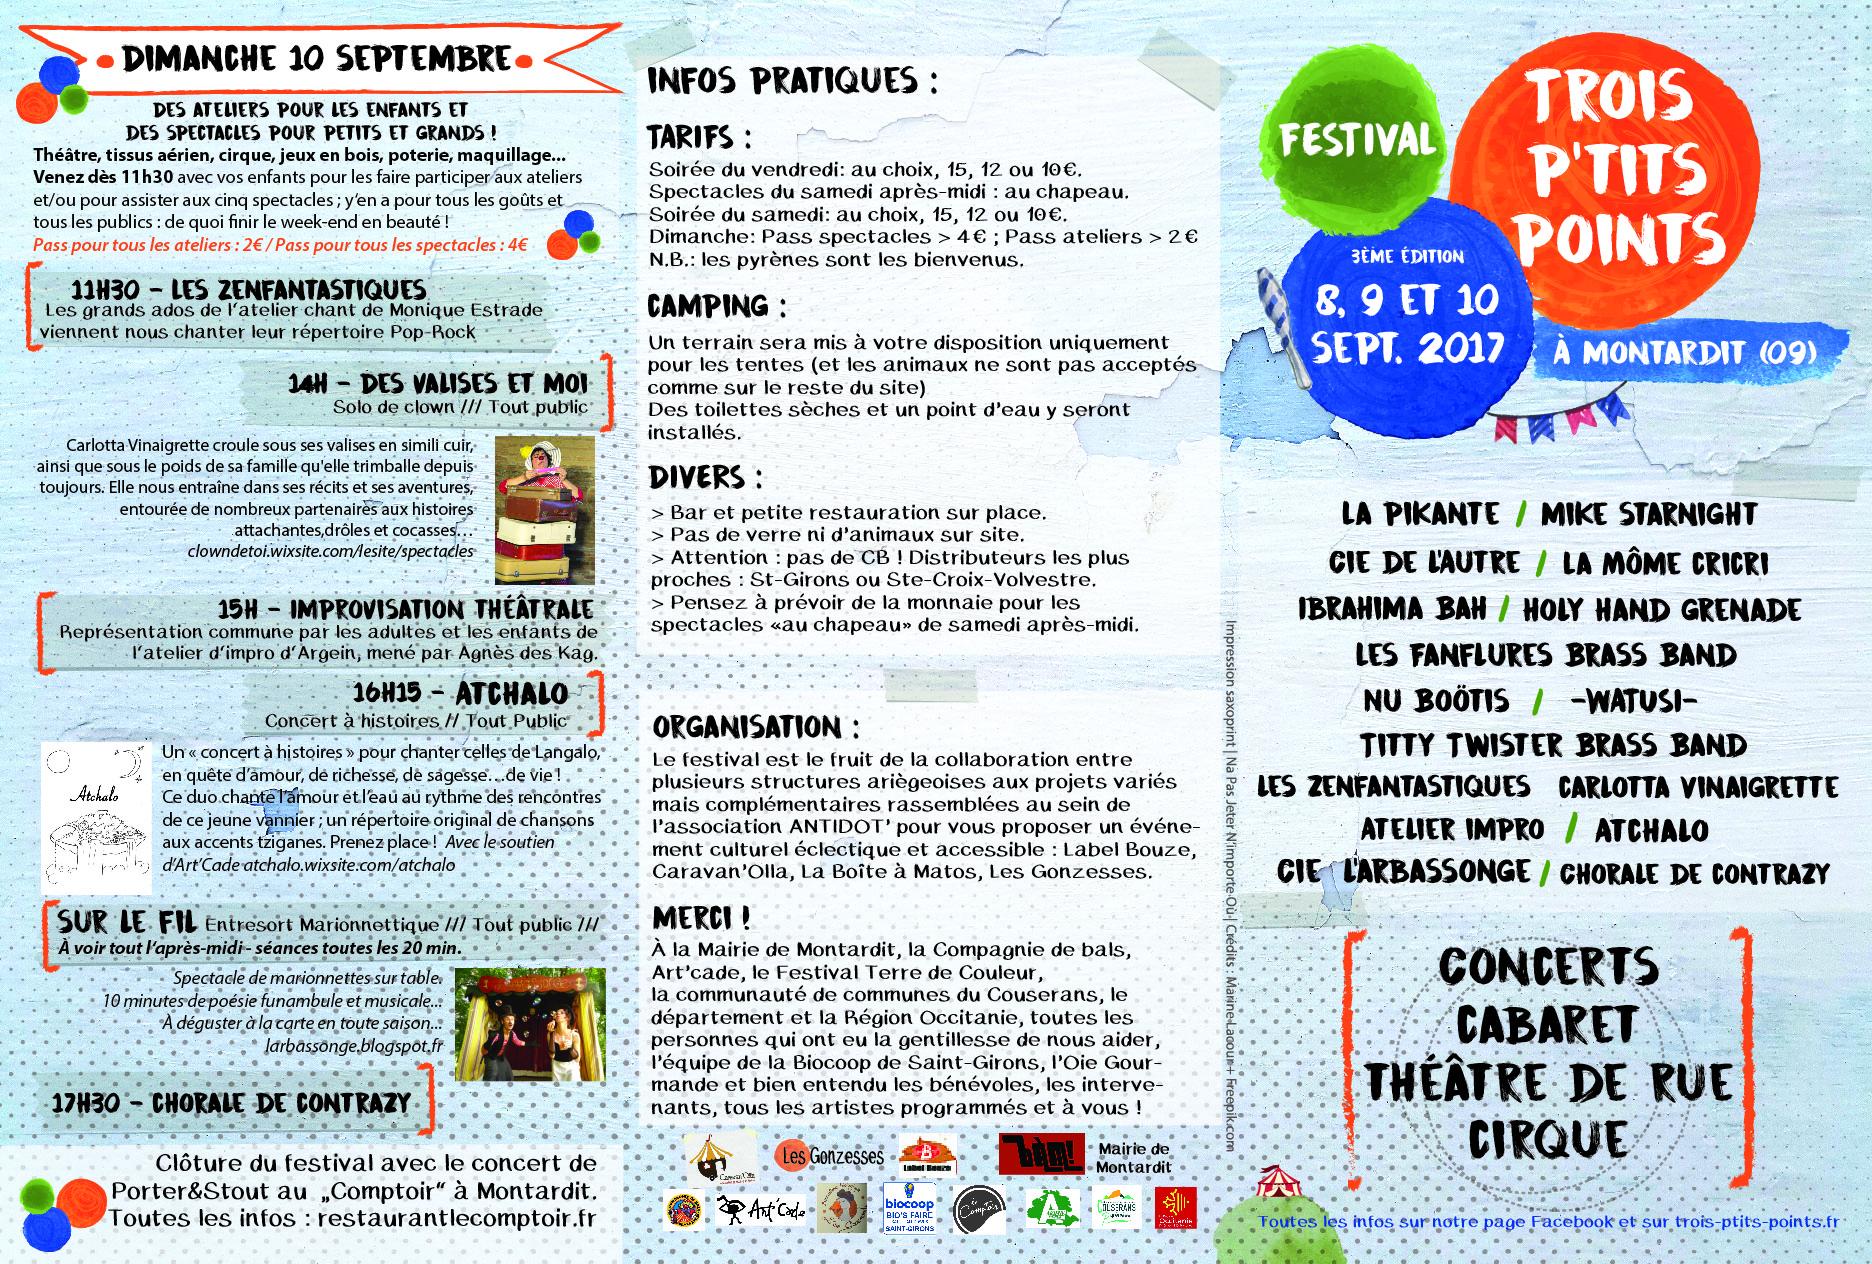 Programmation du festival Trois P'tits Points les 8, 9 et 10 septembre 2017 à Montardit